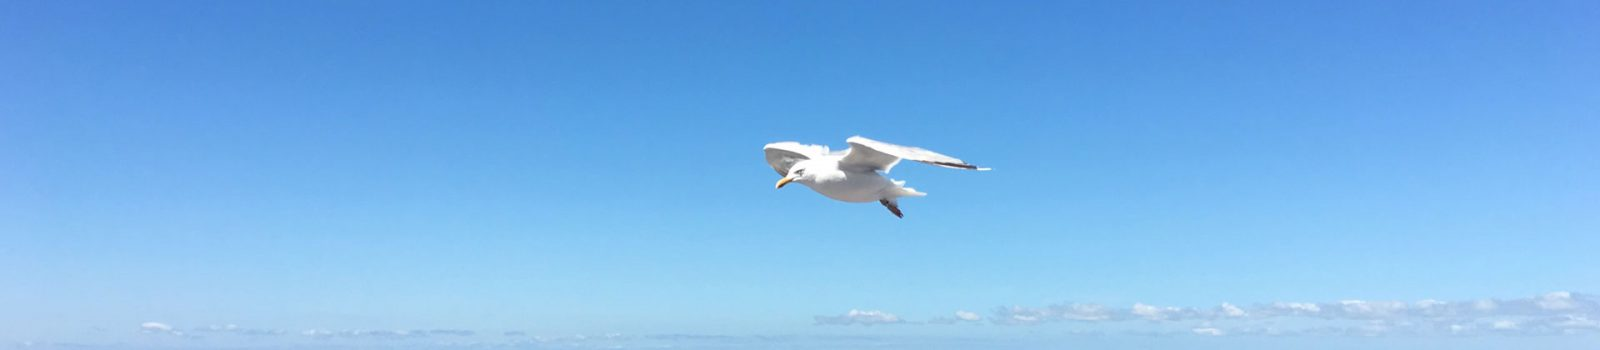 De vogel als projectiel